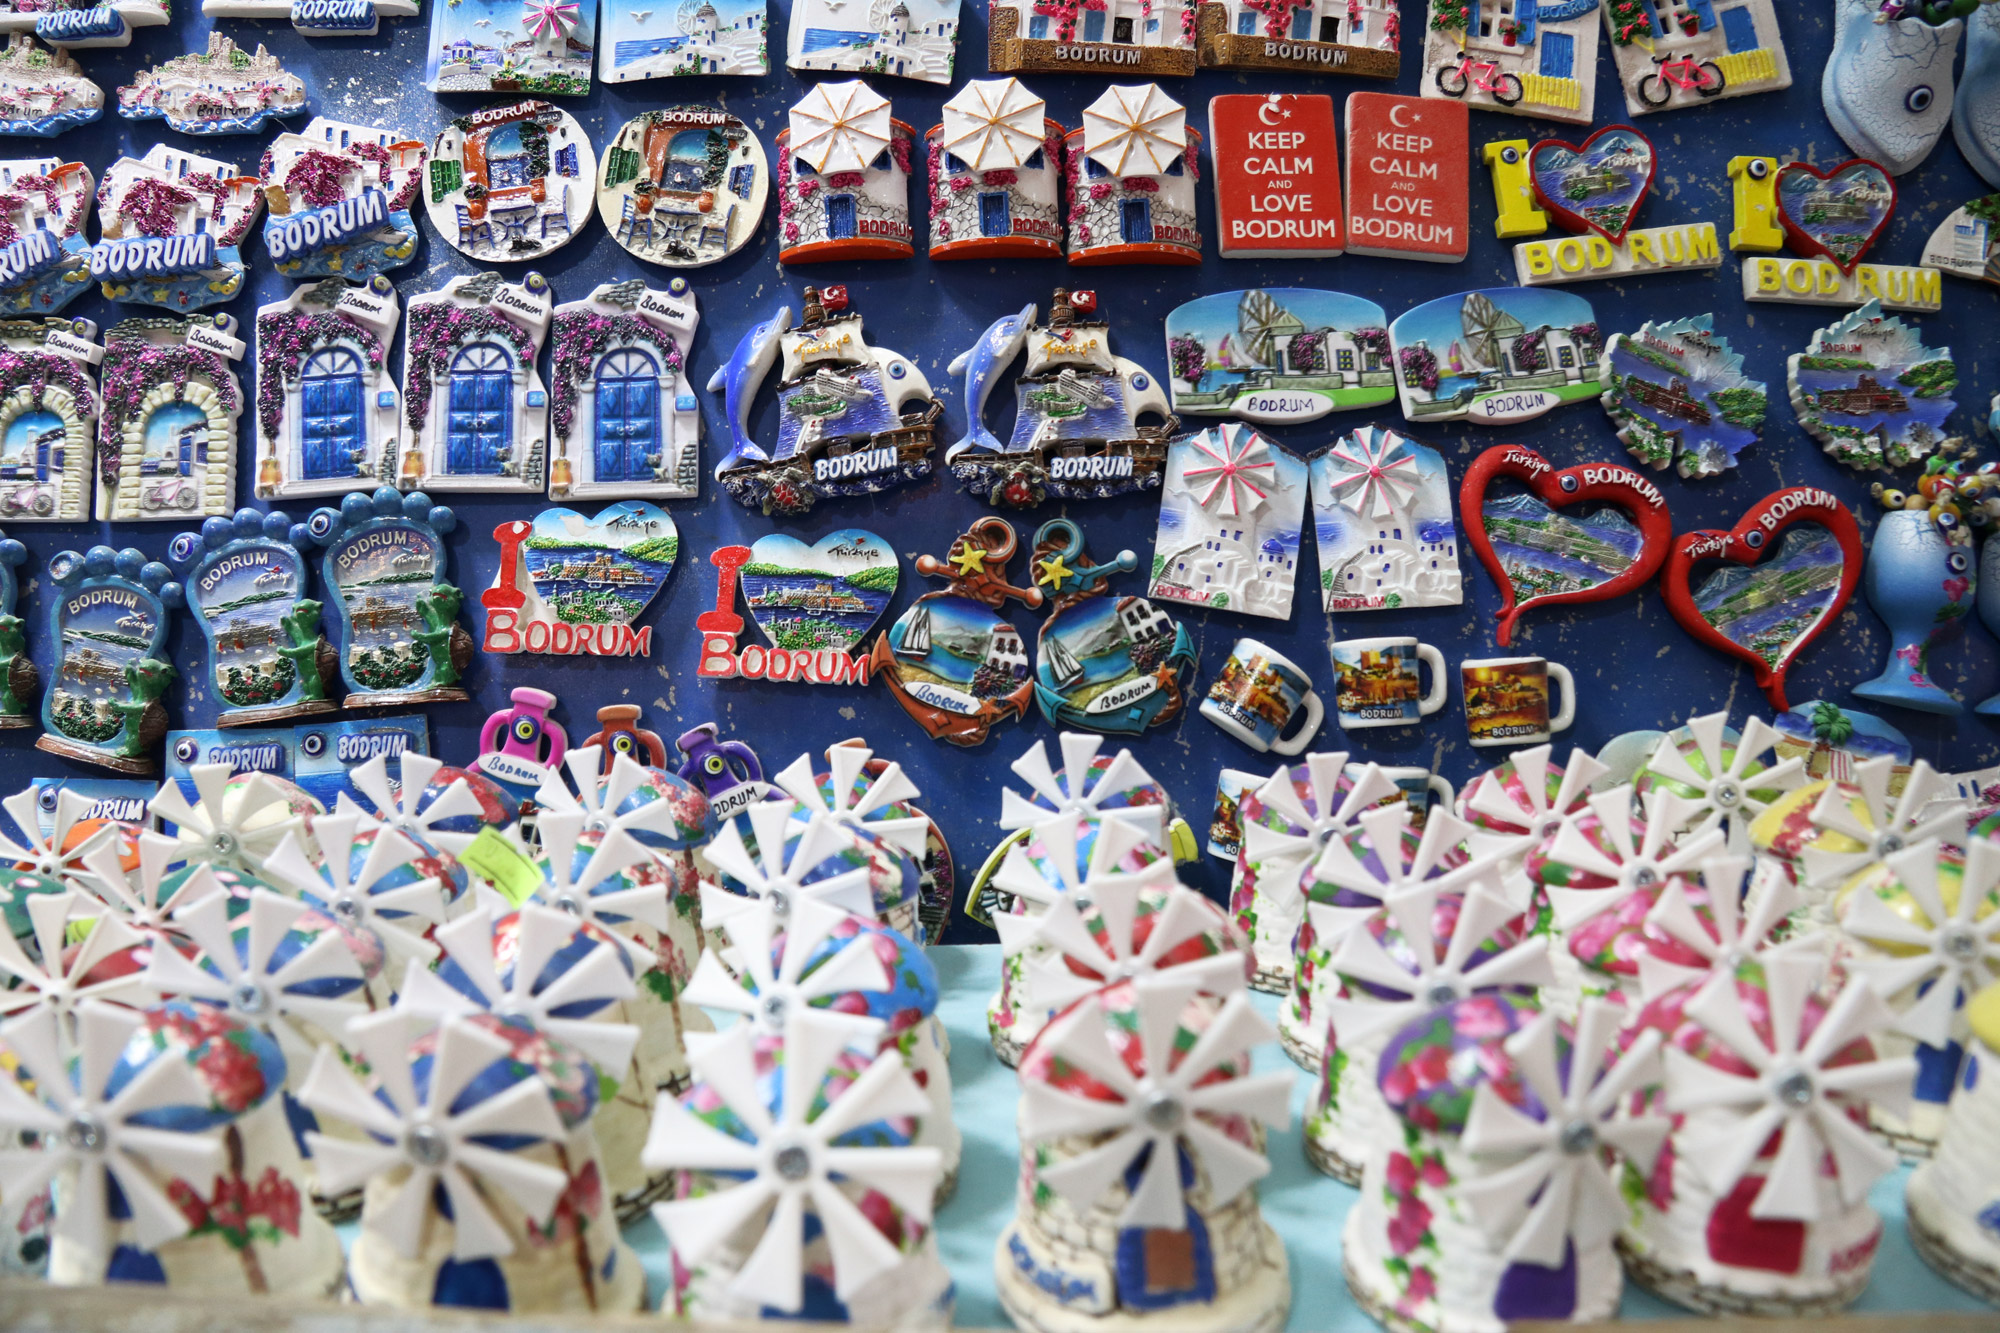 10x doen in Bodrum - Ga winkelen in Bodrum